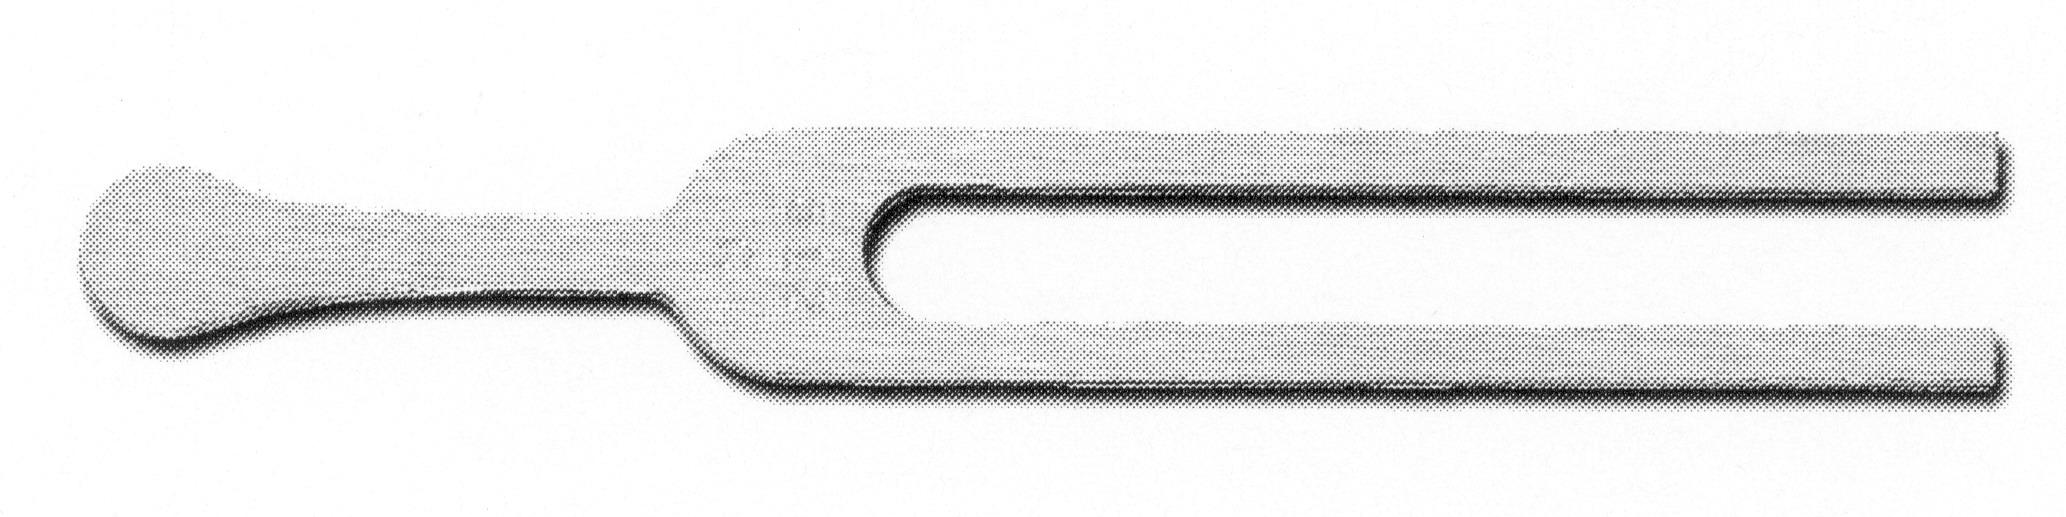 student-grade-tuning-fork-c-512-19-117-miltex.jpg